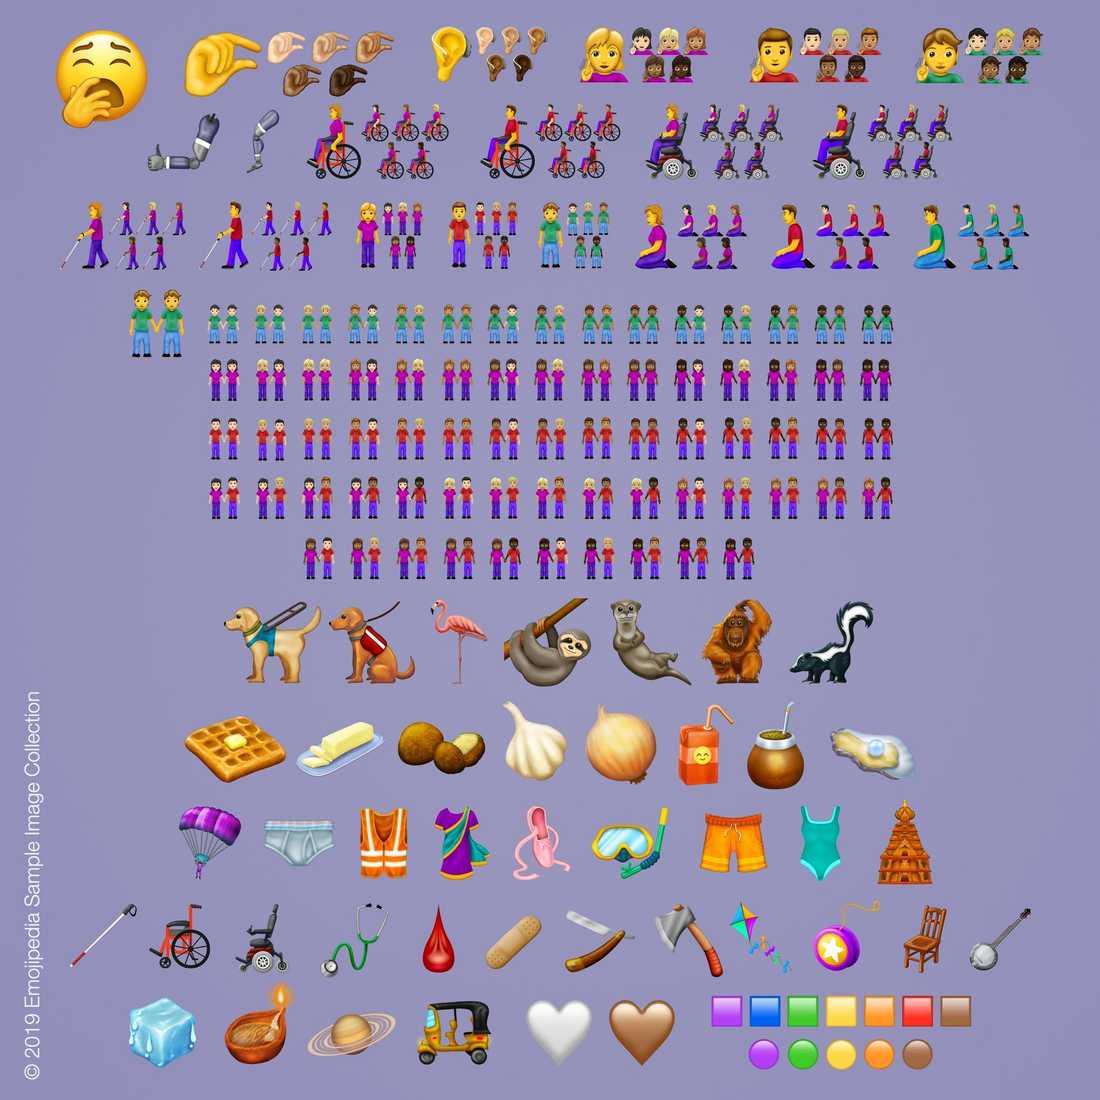 59 nya emojis kommer under 2019 med totalt 230 versioner.